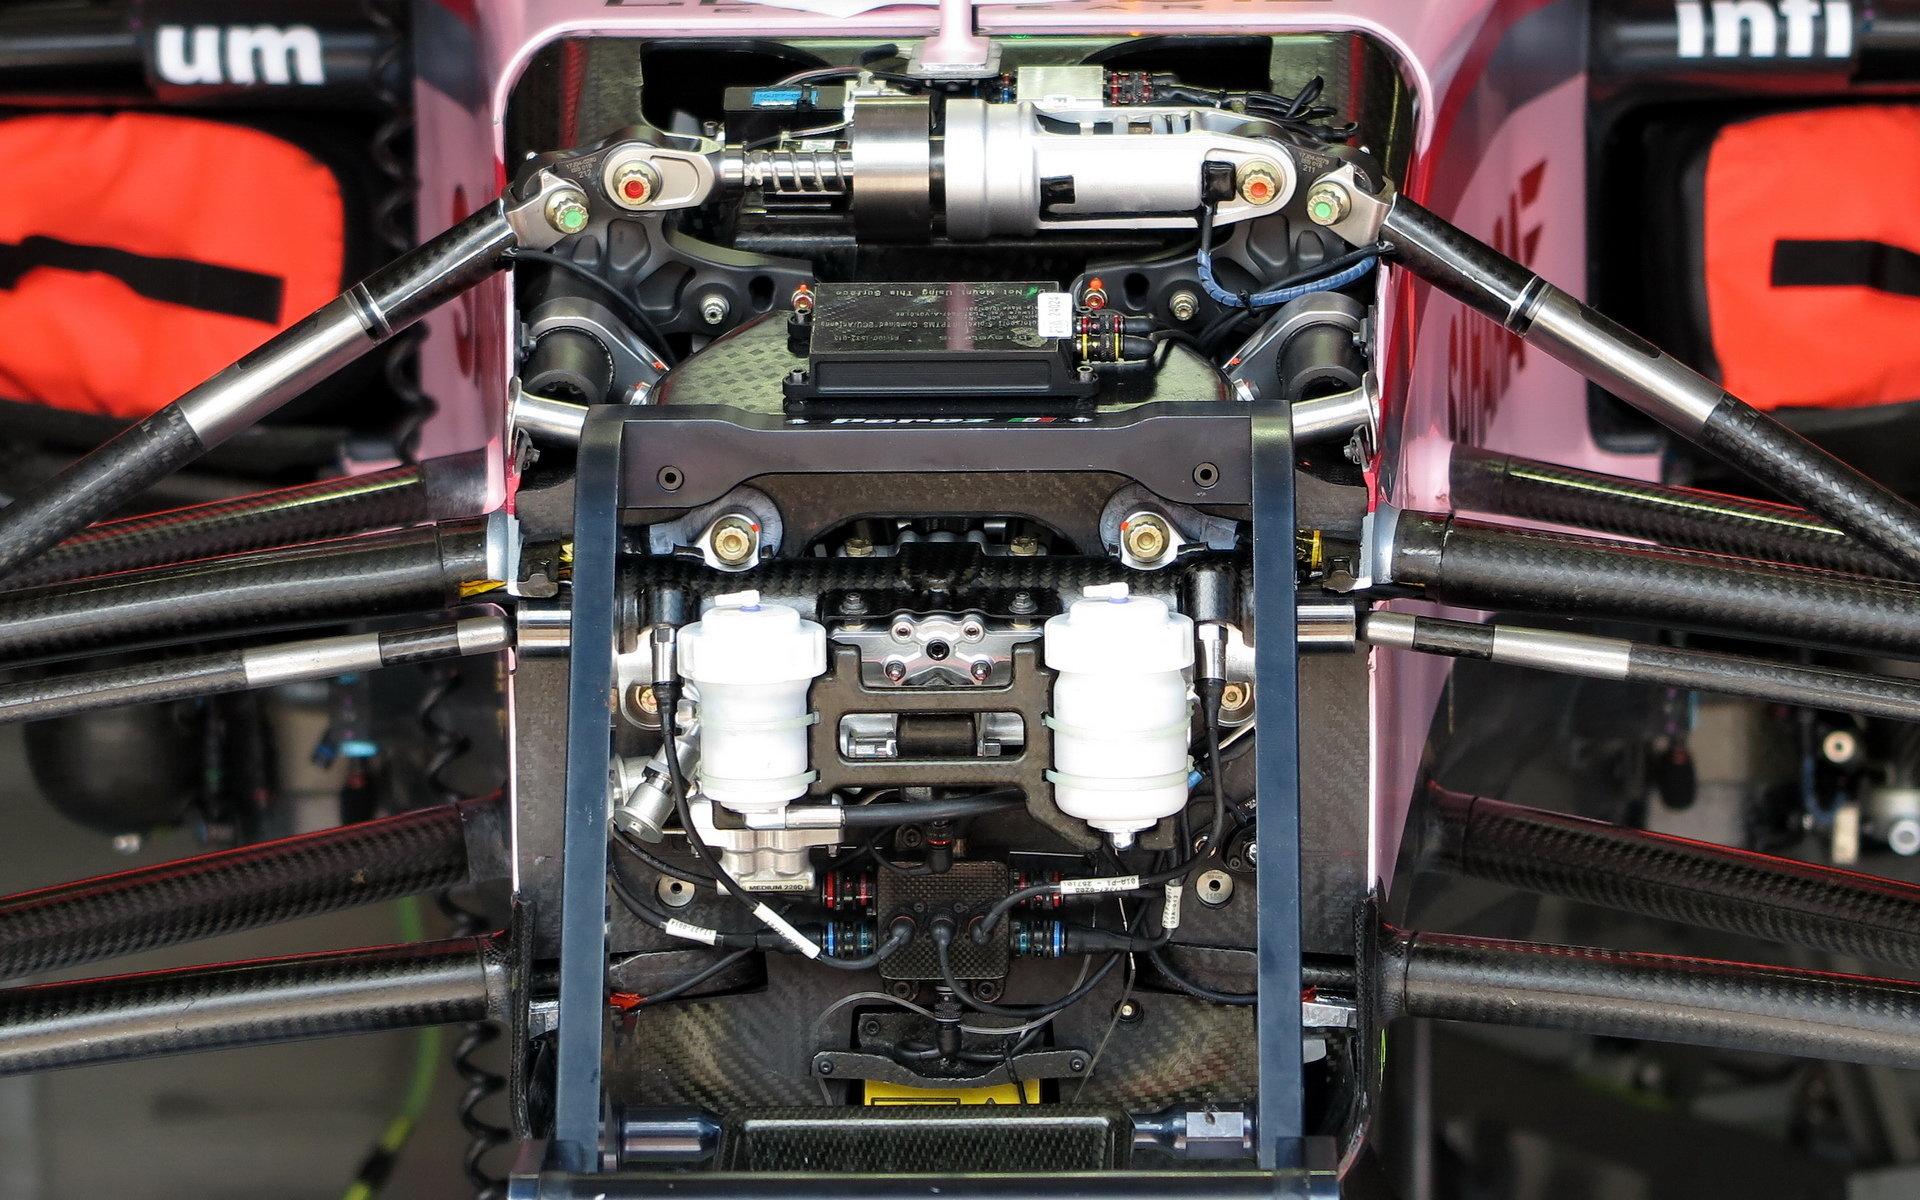 Oborníci se zaměří i na zavěšení vozu, které přispívá k rozdílům ve výkonnosti